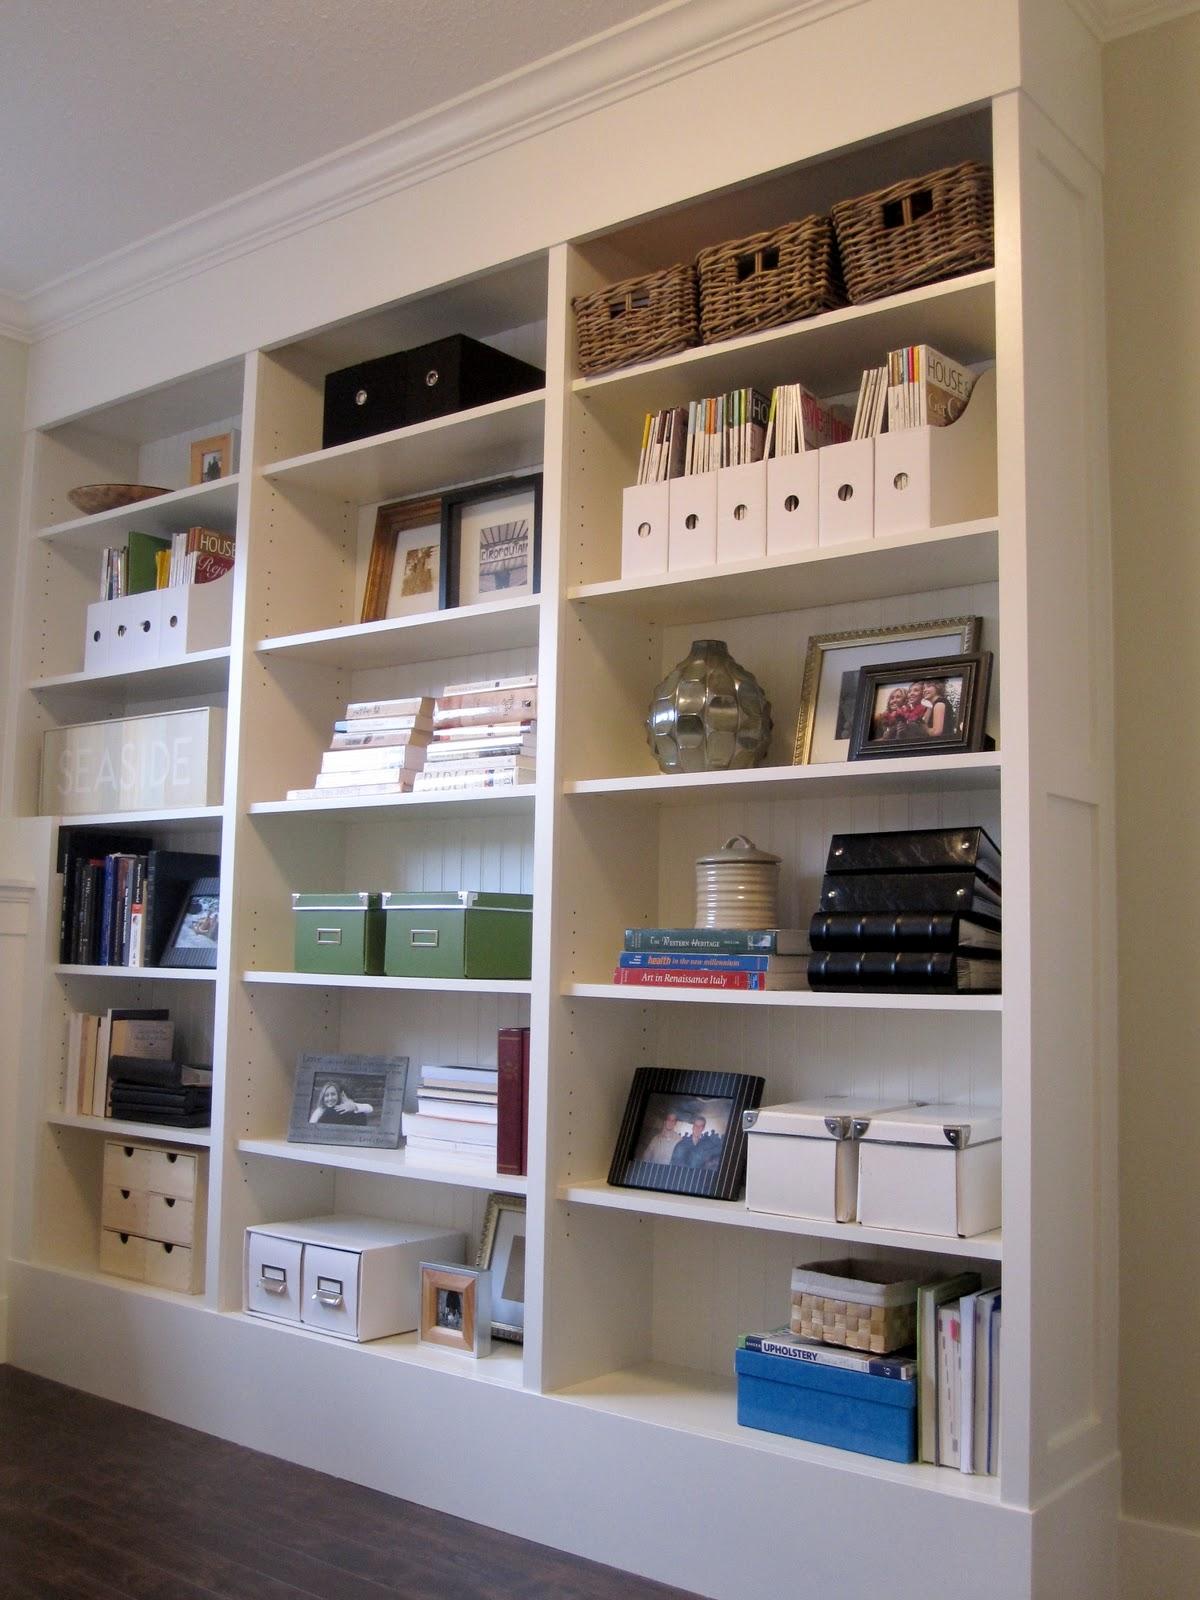 Ikeaの本棚 Billy を使ったコーディネート例まとめ Naver まと Ikea(イケア)の定番